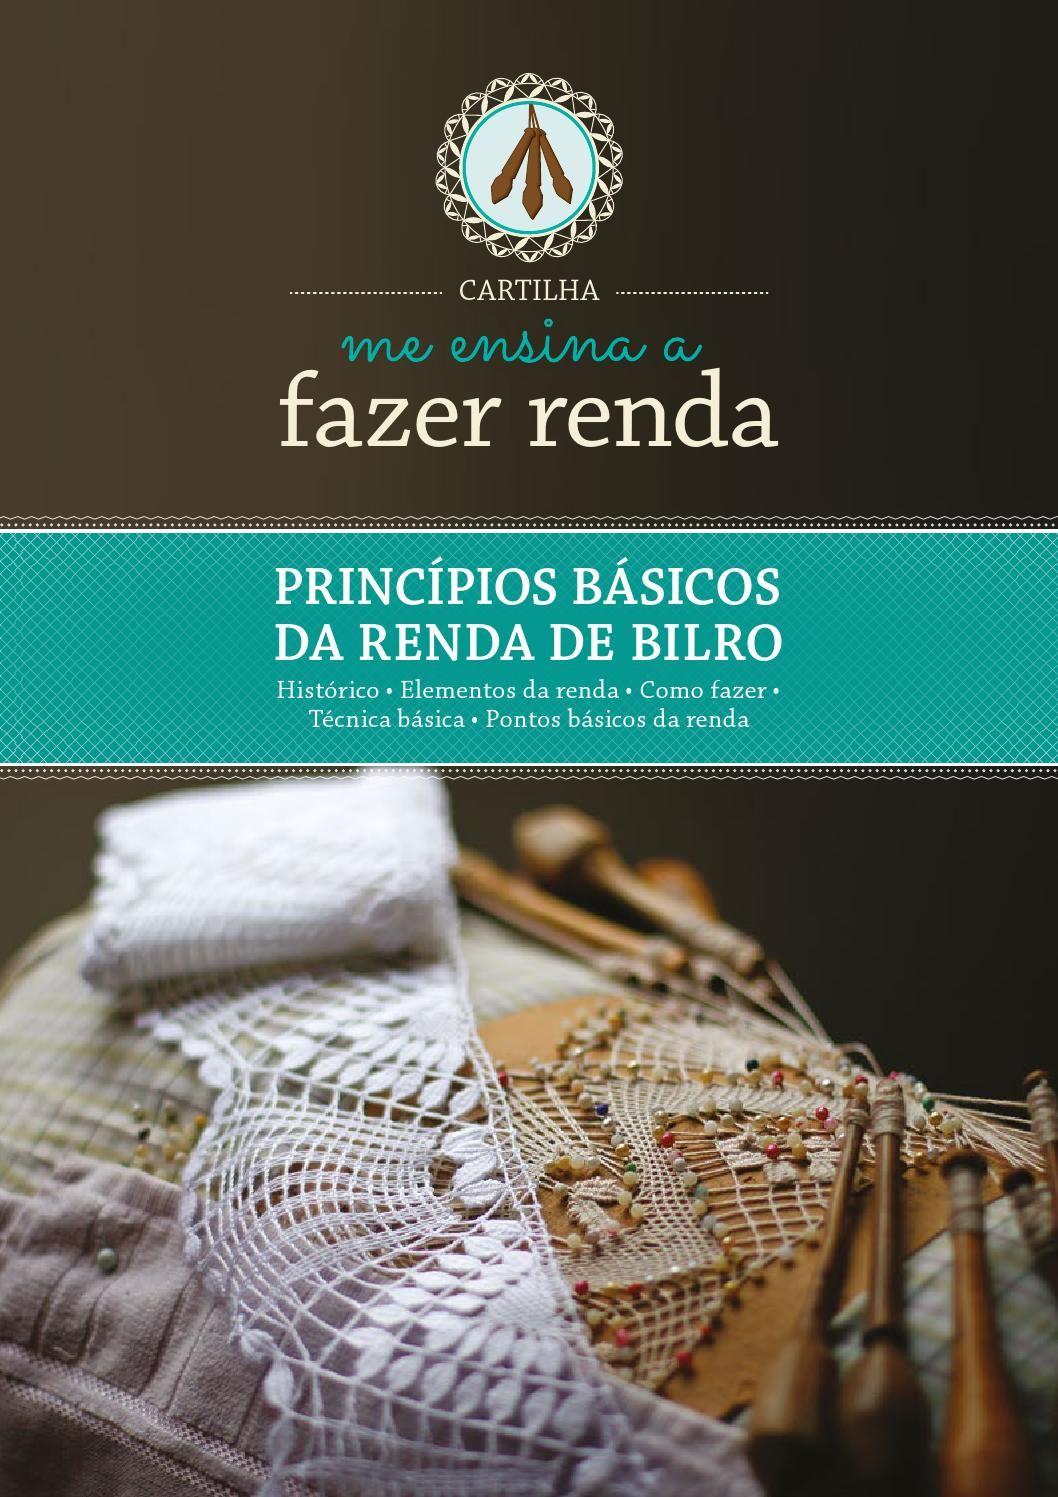 A cartilha ensina de forma didática o passo a passo da renda de bilro tradicional de Florianópolis. são textos claros e objetivos que demonstram de forma simples a técnica e os pontos básicos do rendado.